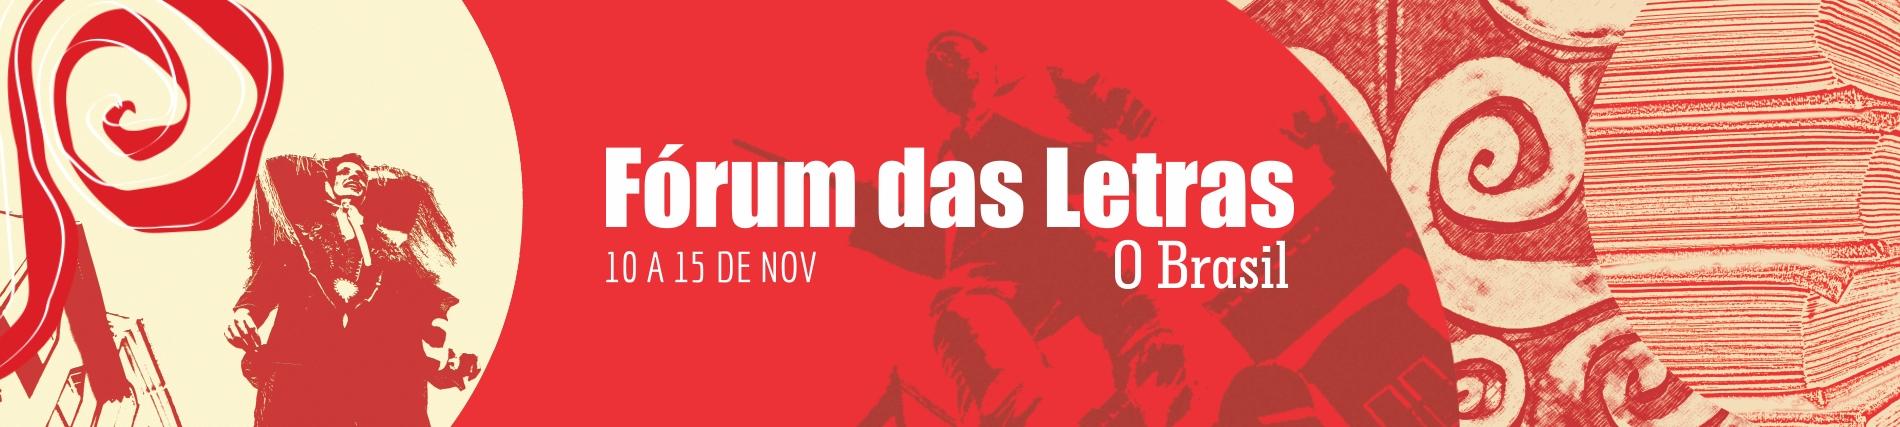 forum-das-letras-2016